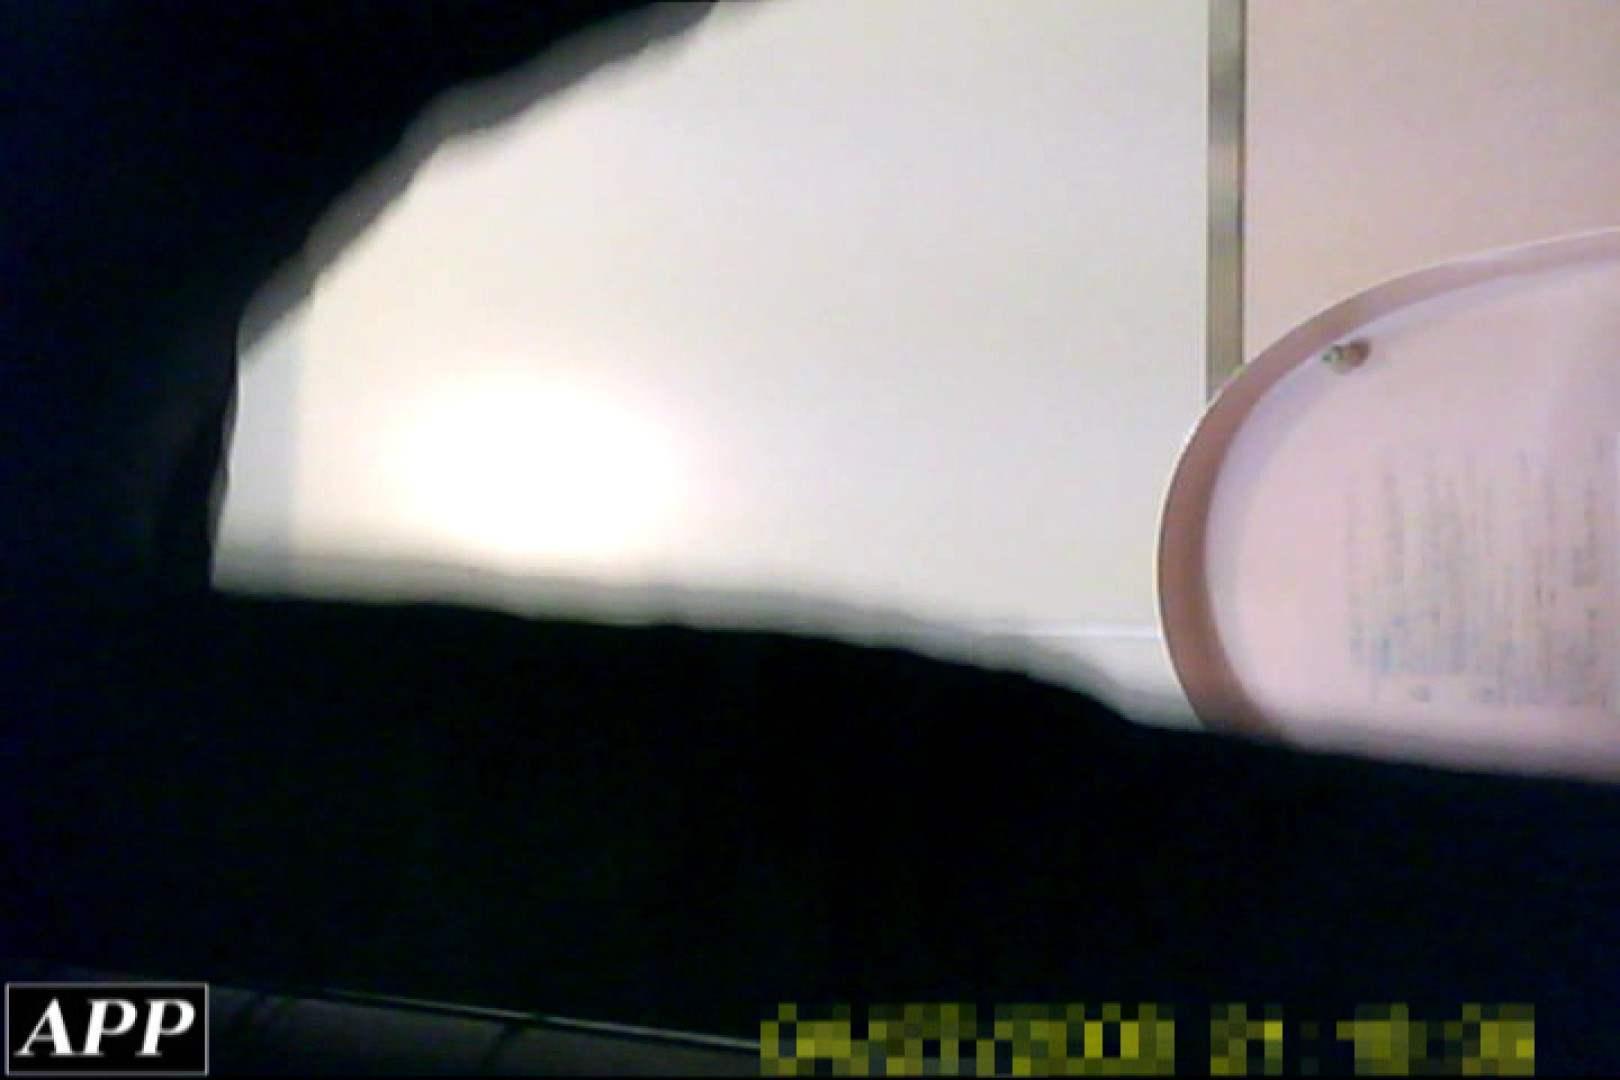 3視点洗面所 vol.058 エロティックなOL  88画像 76